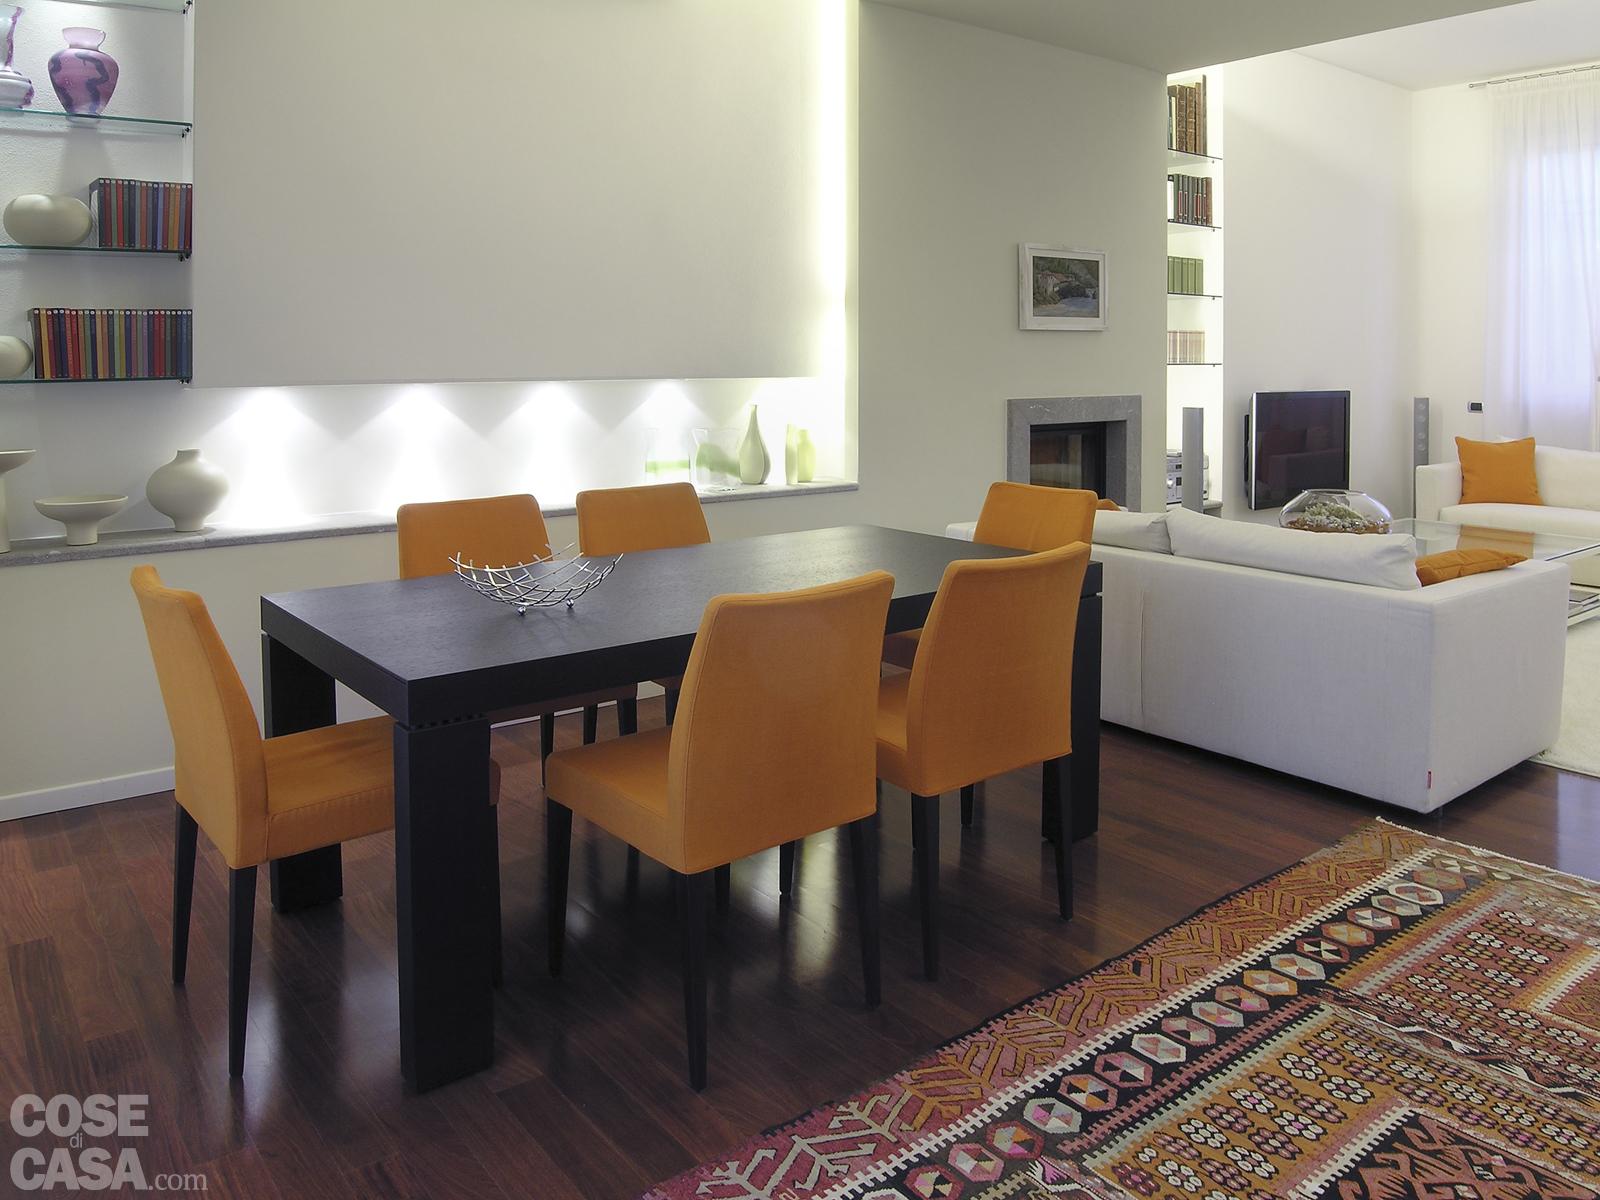 come arredare il soggiorno | arredamento,restyling casa,trasloco - Arredare Soggiorno Con Sala Da Pranzo 2